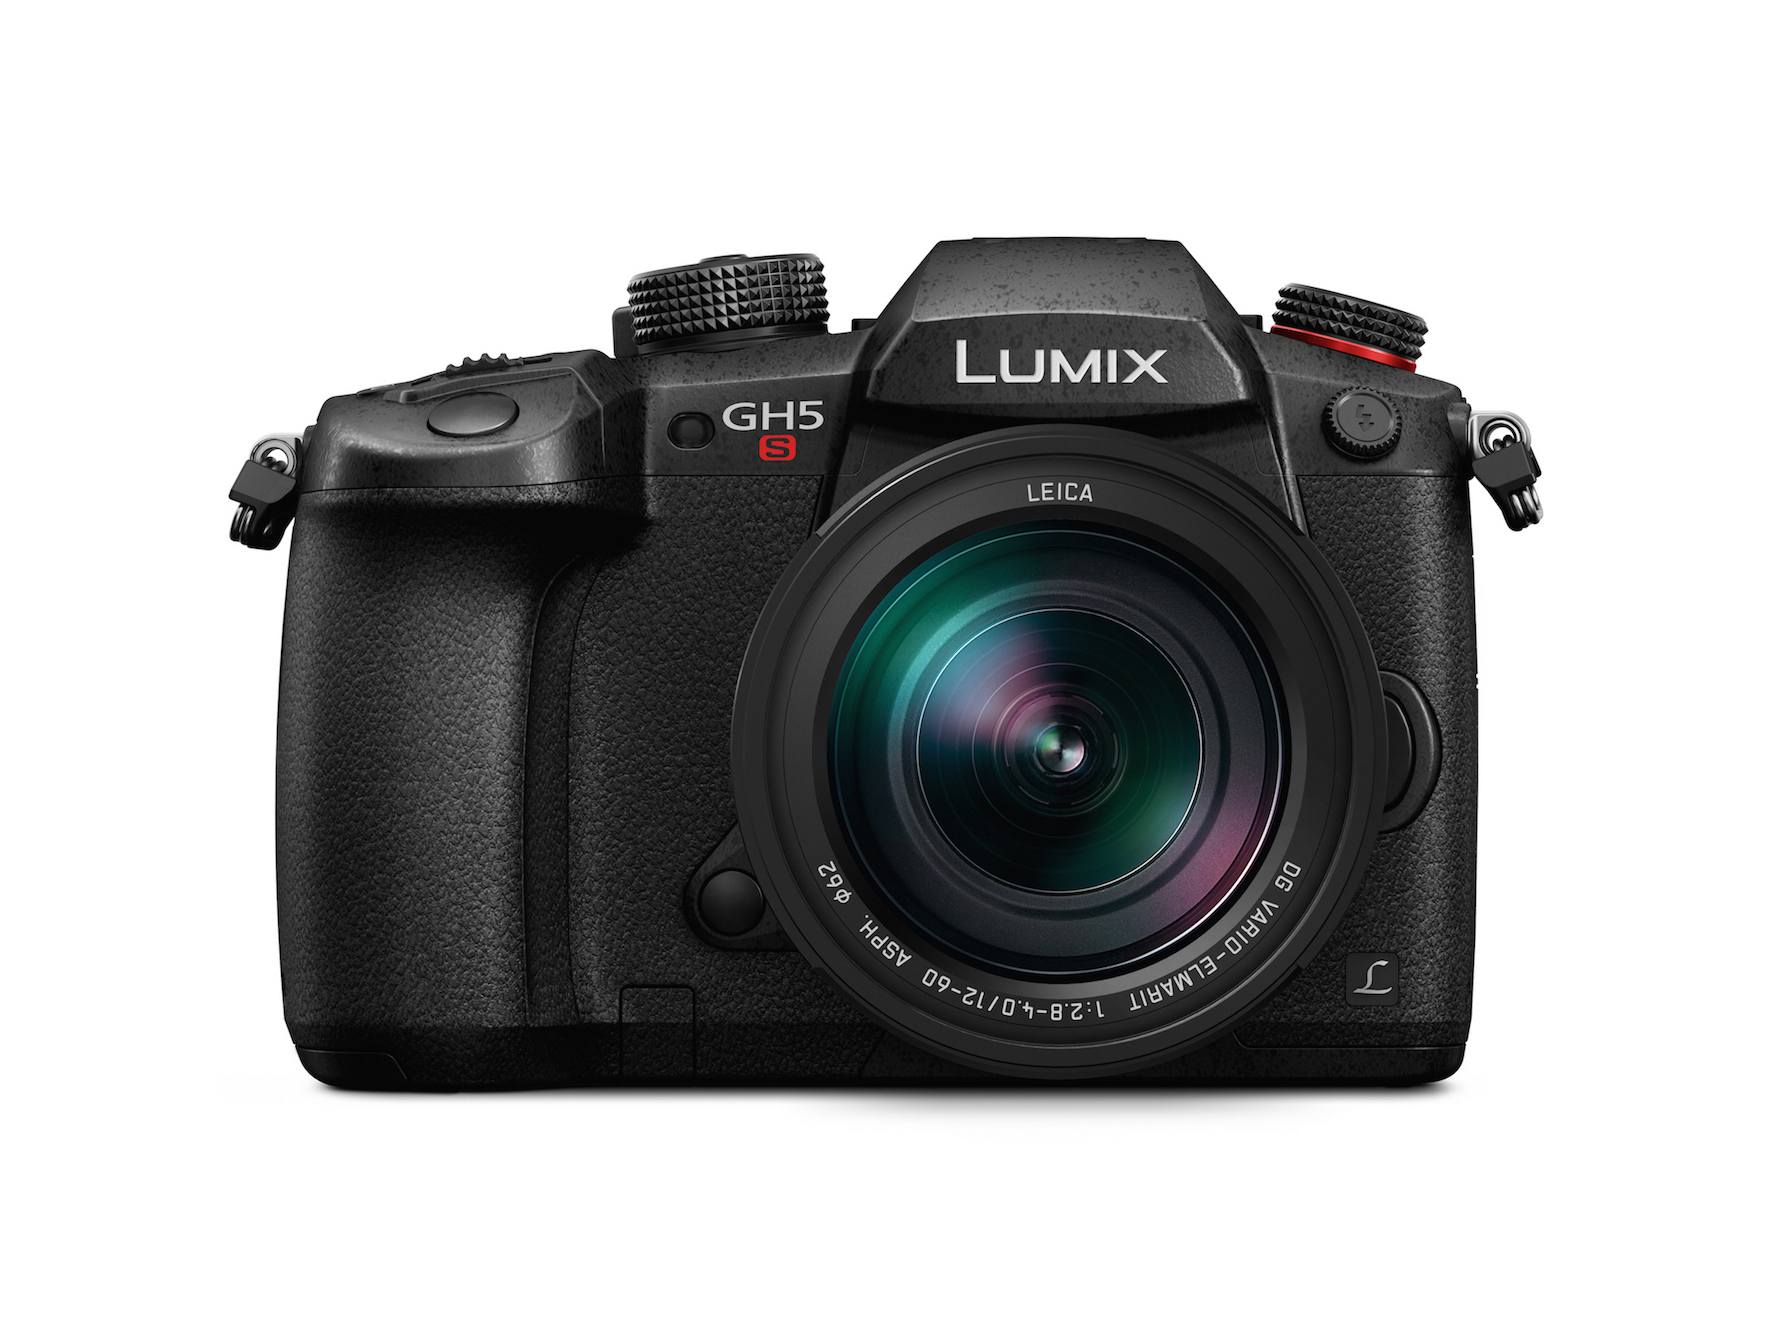 Ab 21. Juli sind Firmware-Update für viele Lumix-Kameras verfügbar, darunter auch für die hier abgebildete Lumix GH5S, die vor gut zwei Jahren auf den Markt kam.